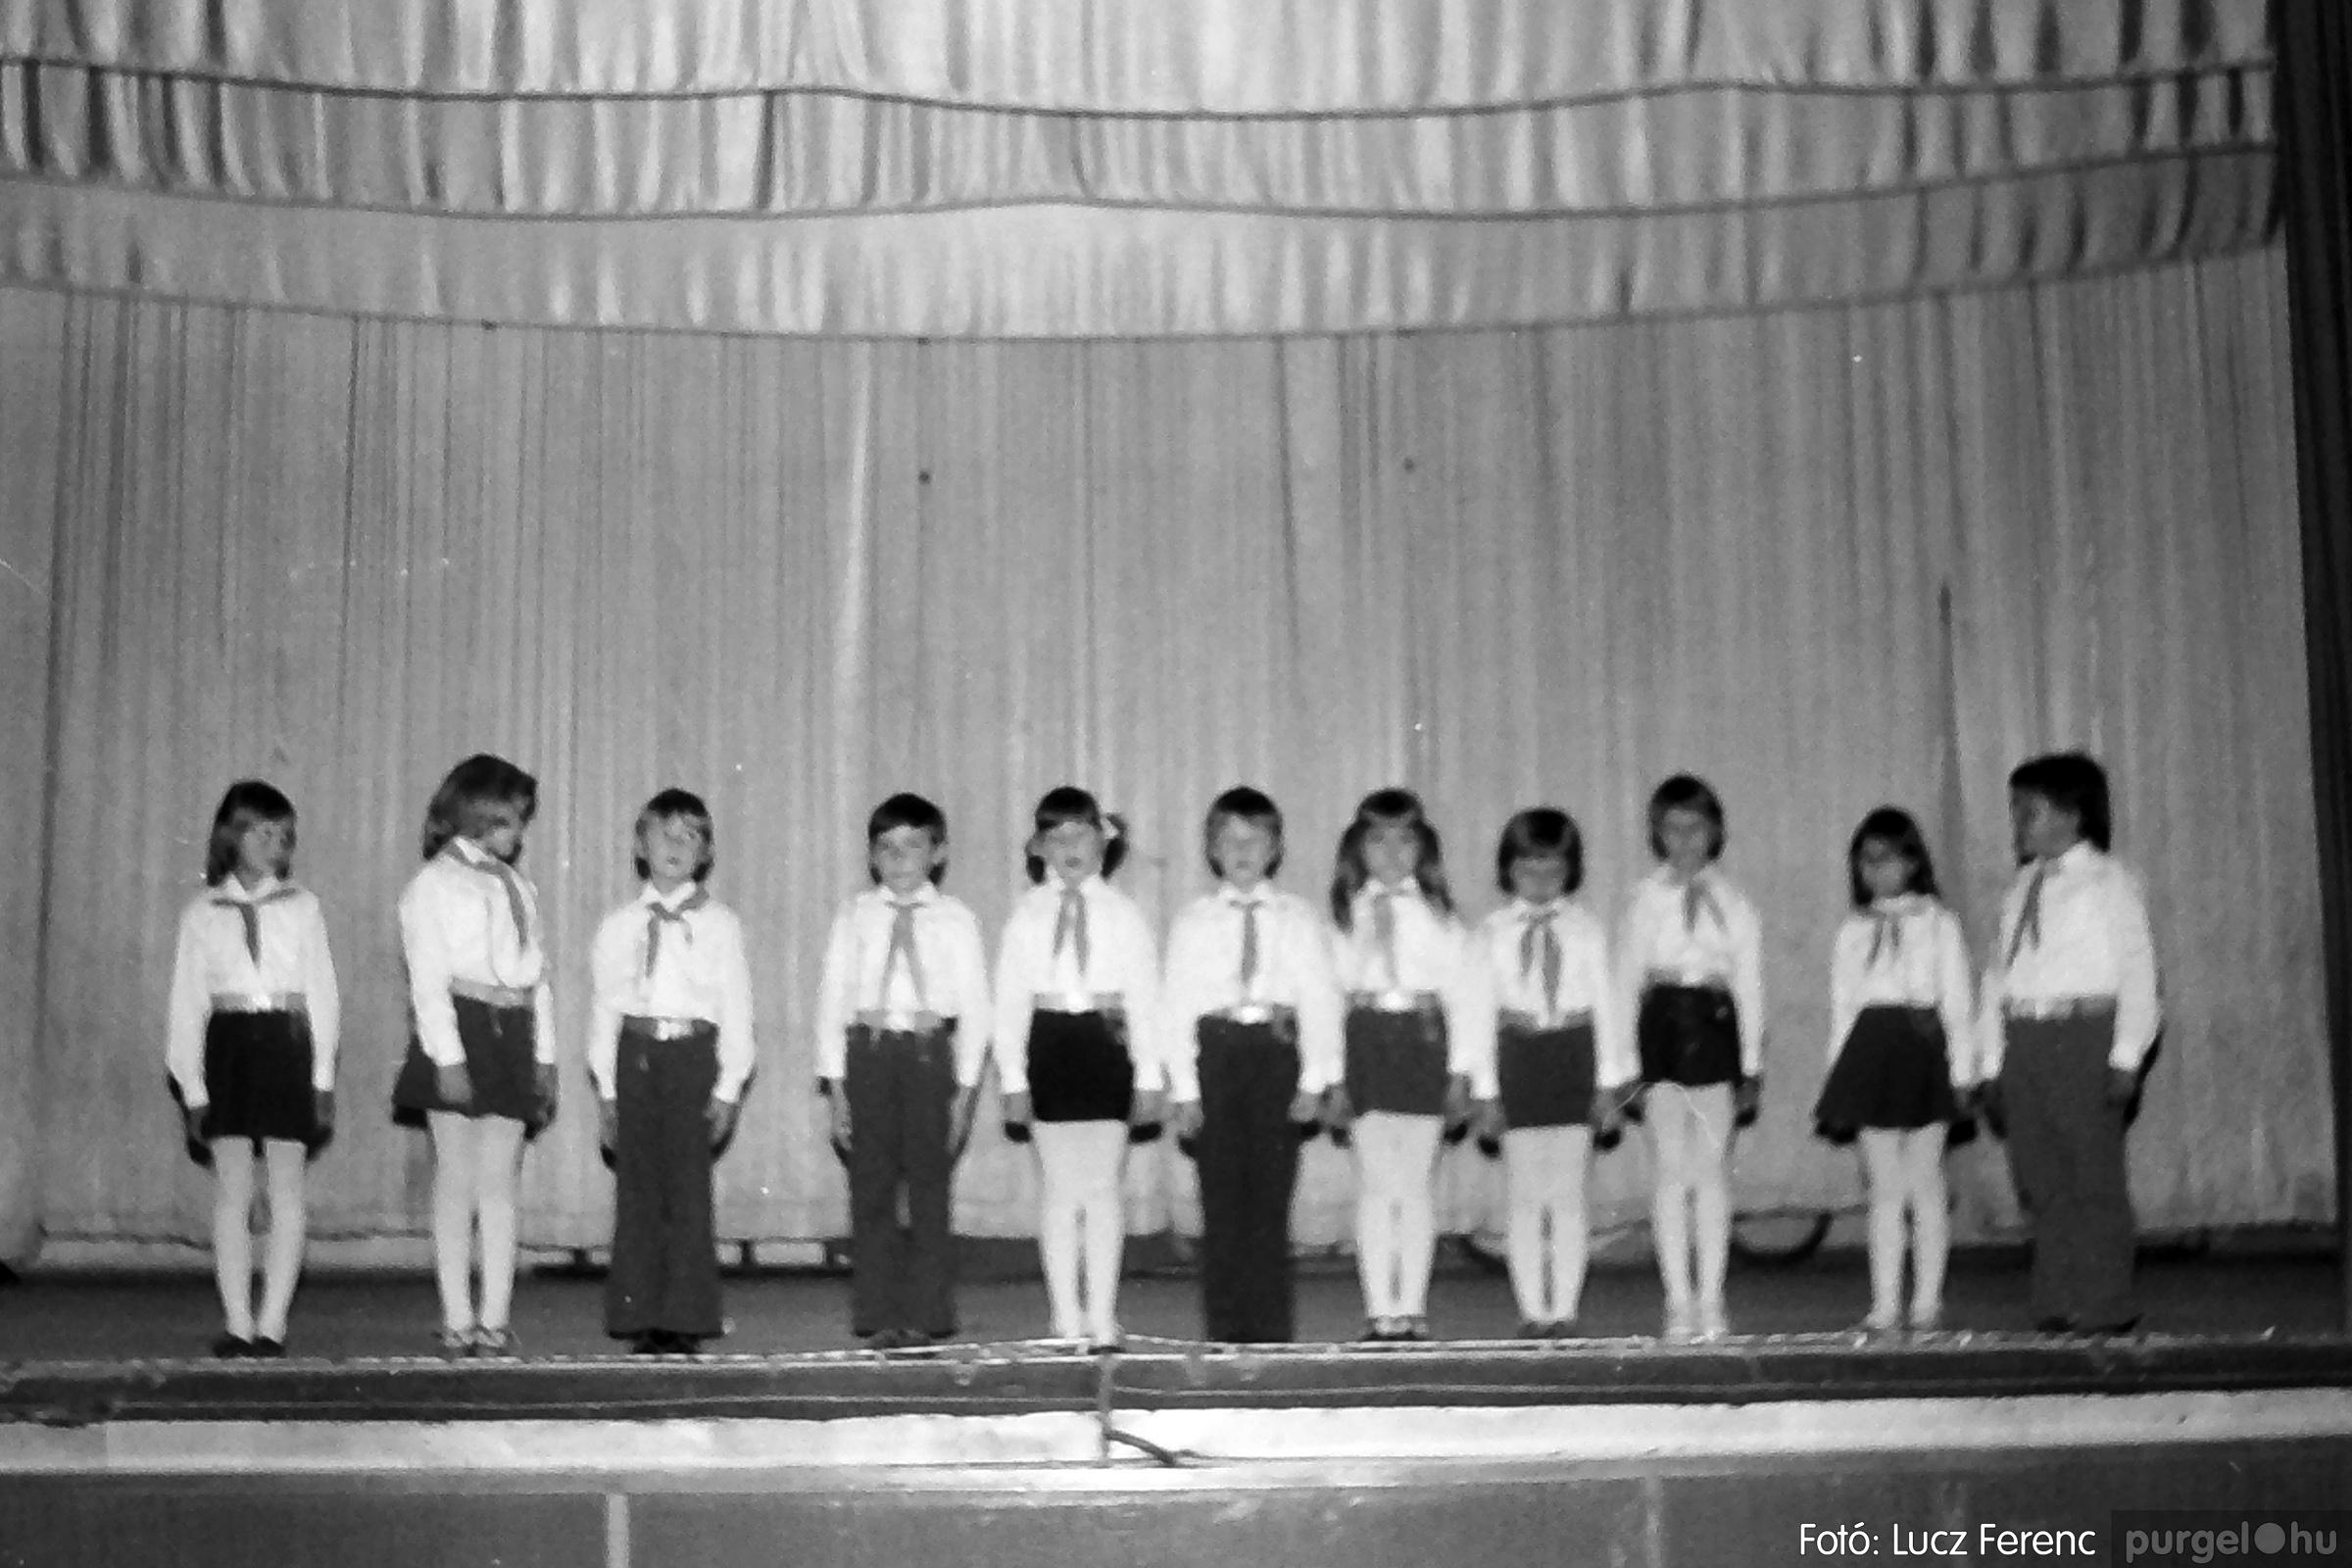 076. 1977. Iskolások fellépése a kultúrházban 008. - Fotó: Lucz Ferenc.jpg